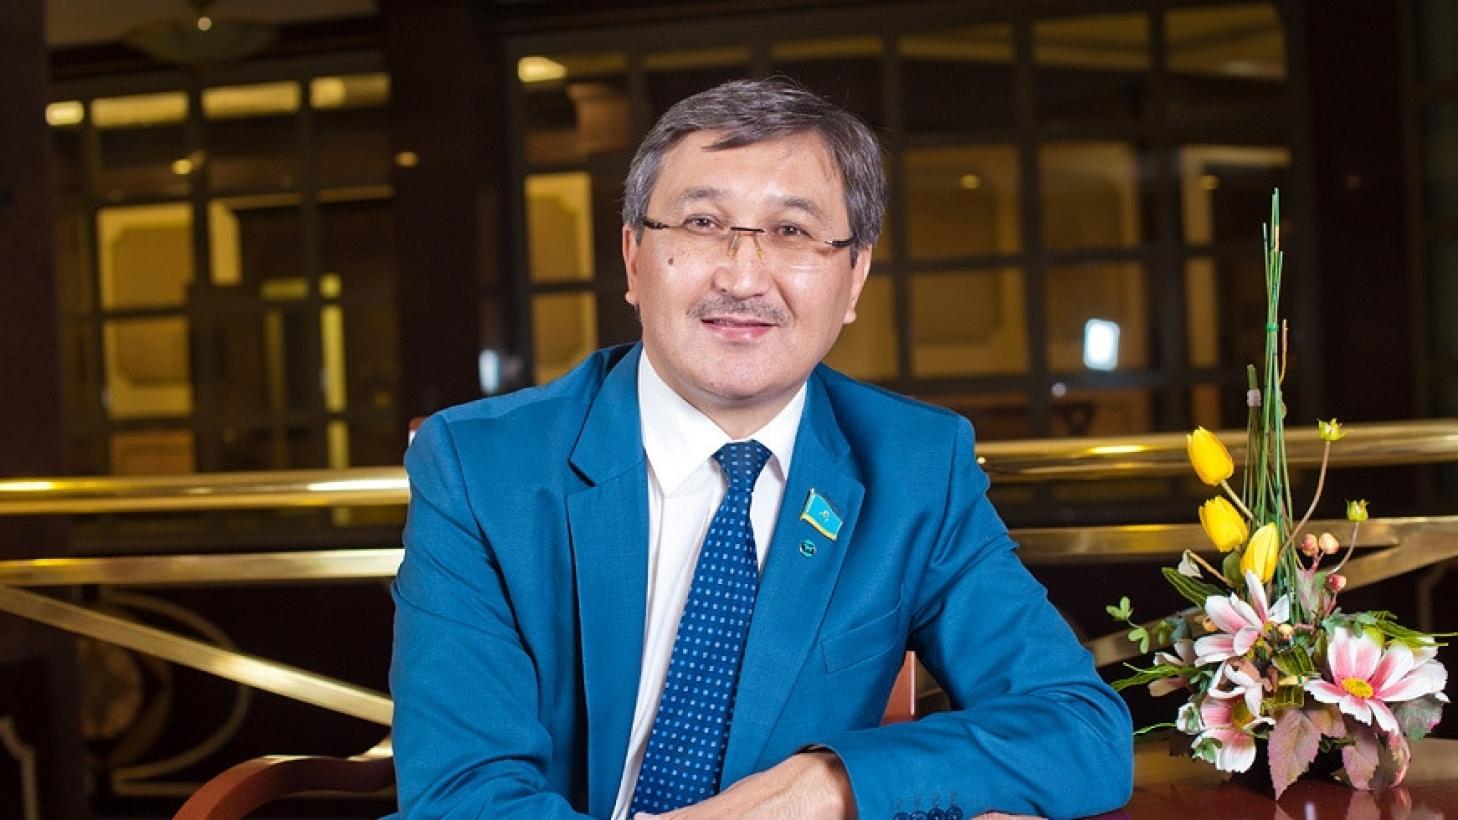 Талгат Ергалиев: С 2020 года мы получим удорожание материалов и, соответственно, удорожание квадратного метра